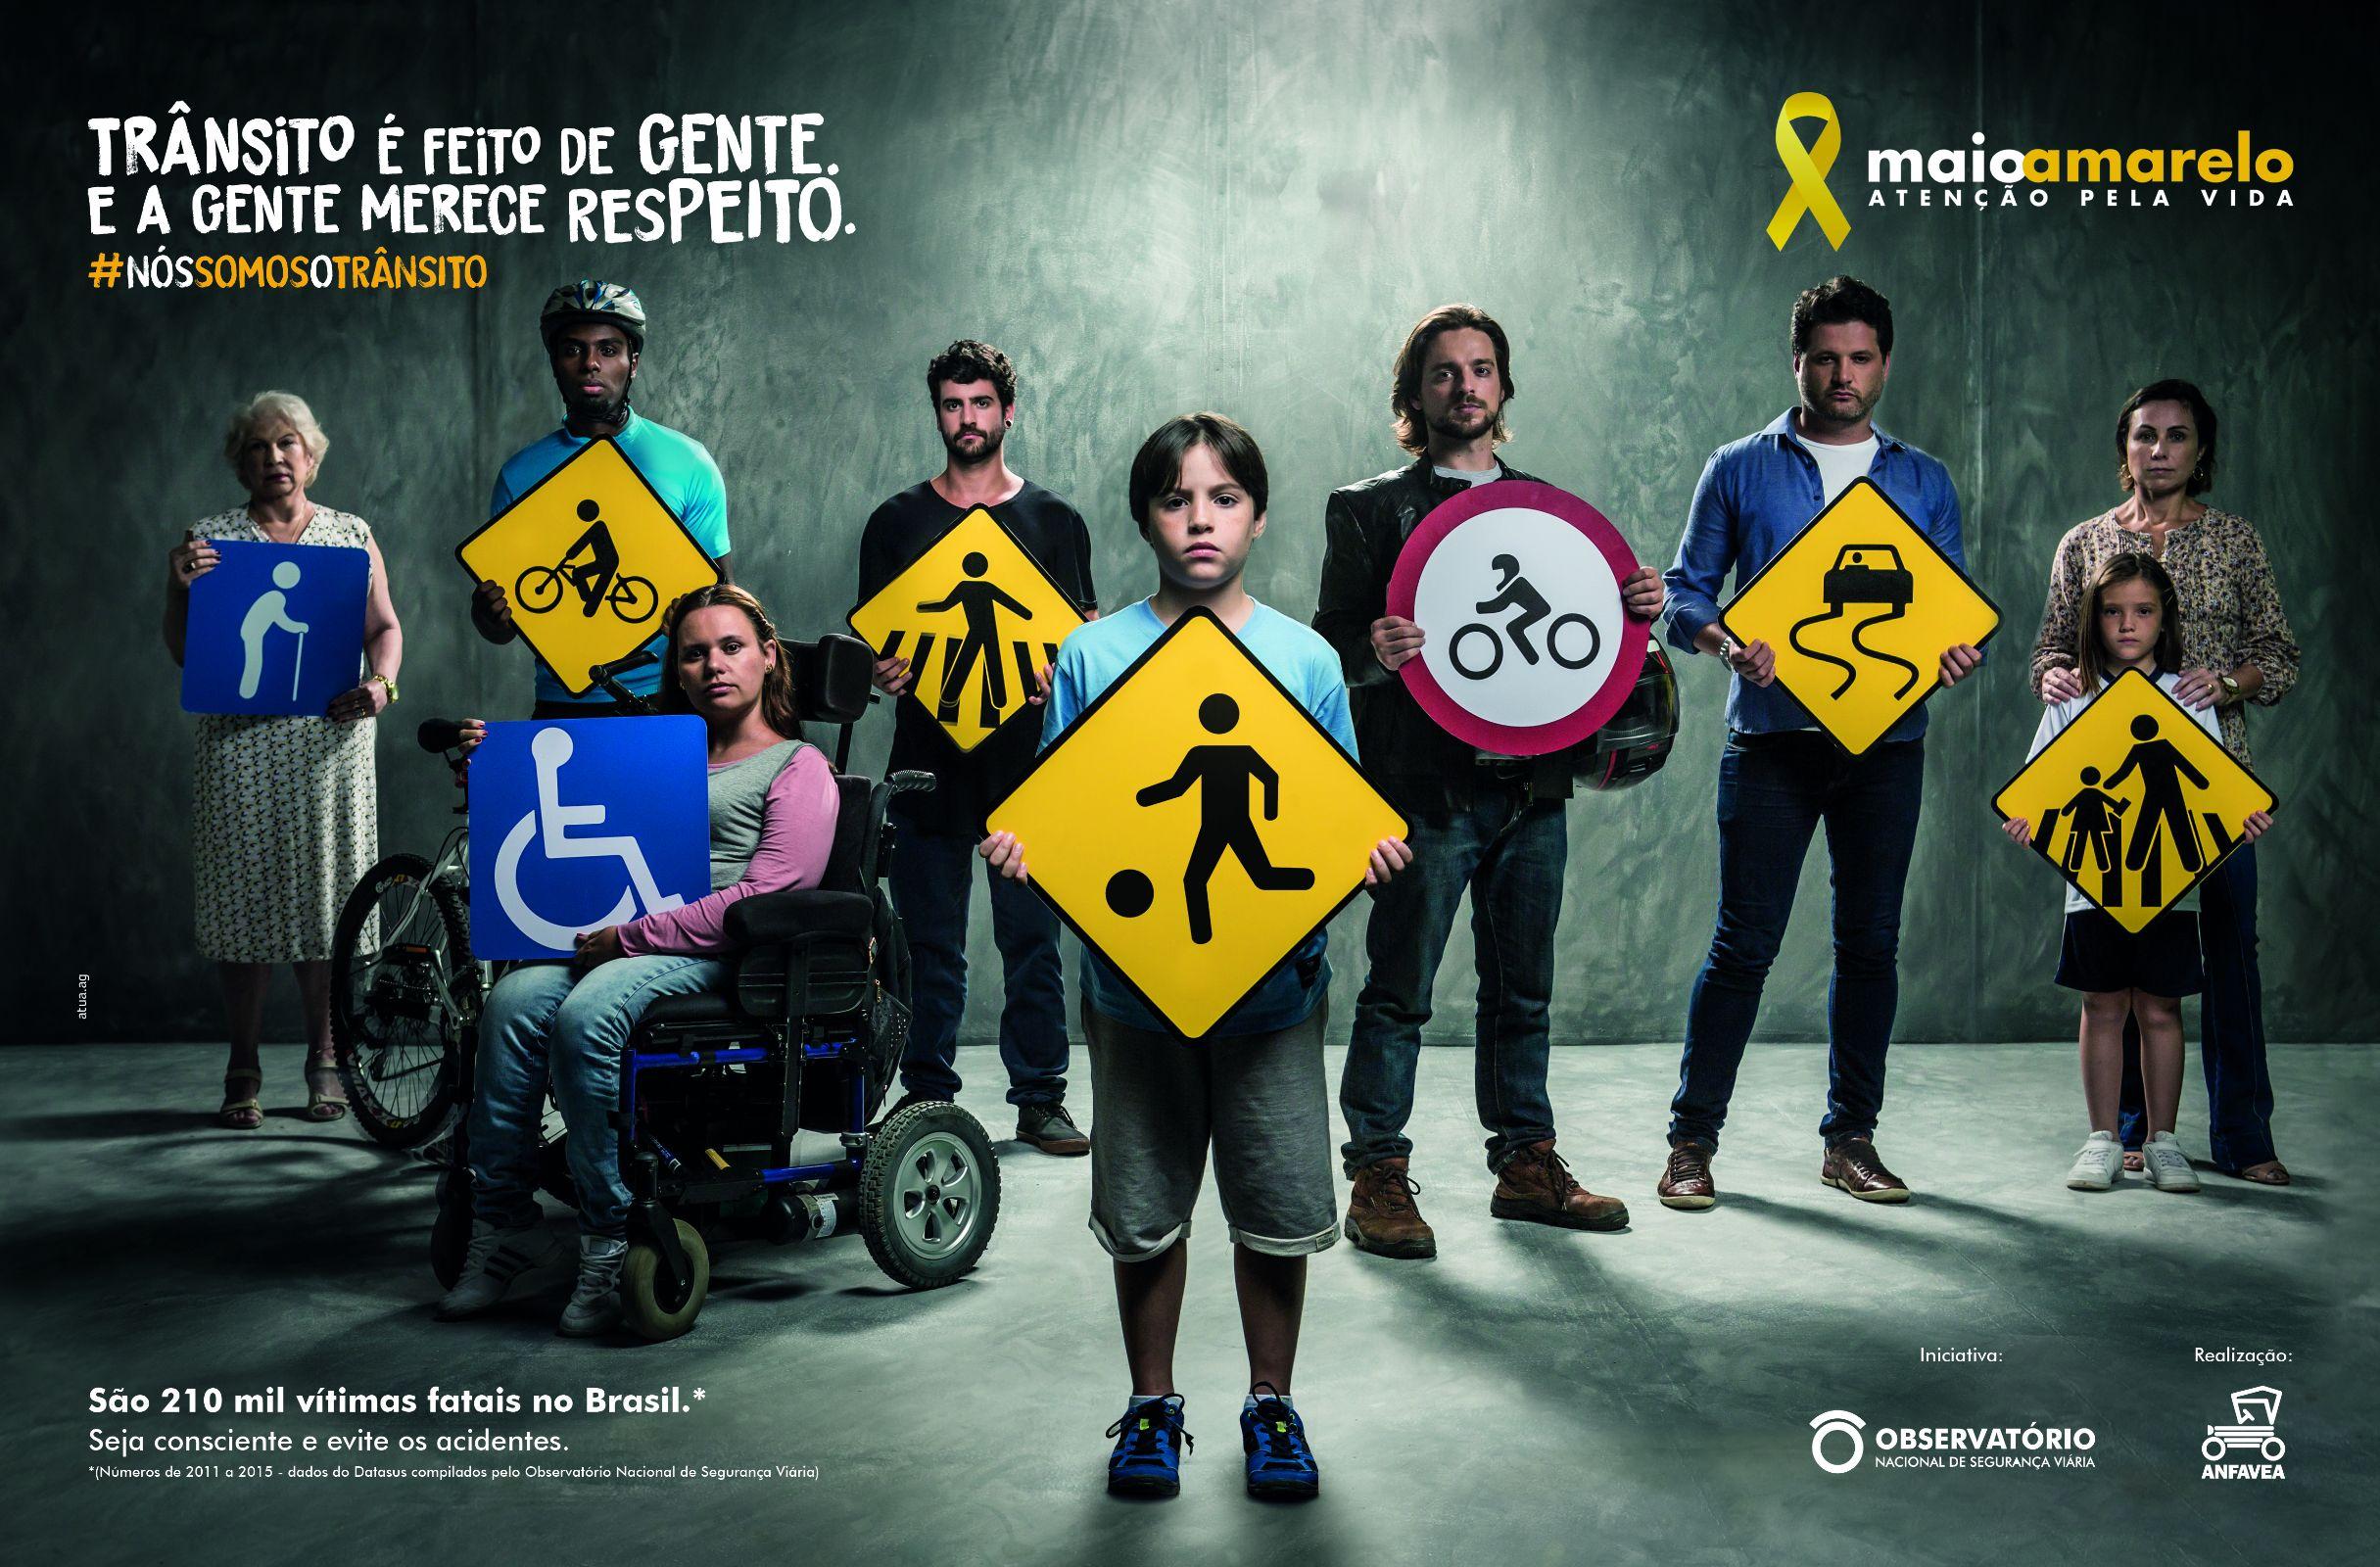 Maio Amarelo alerta para trânsito violento